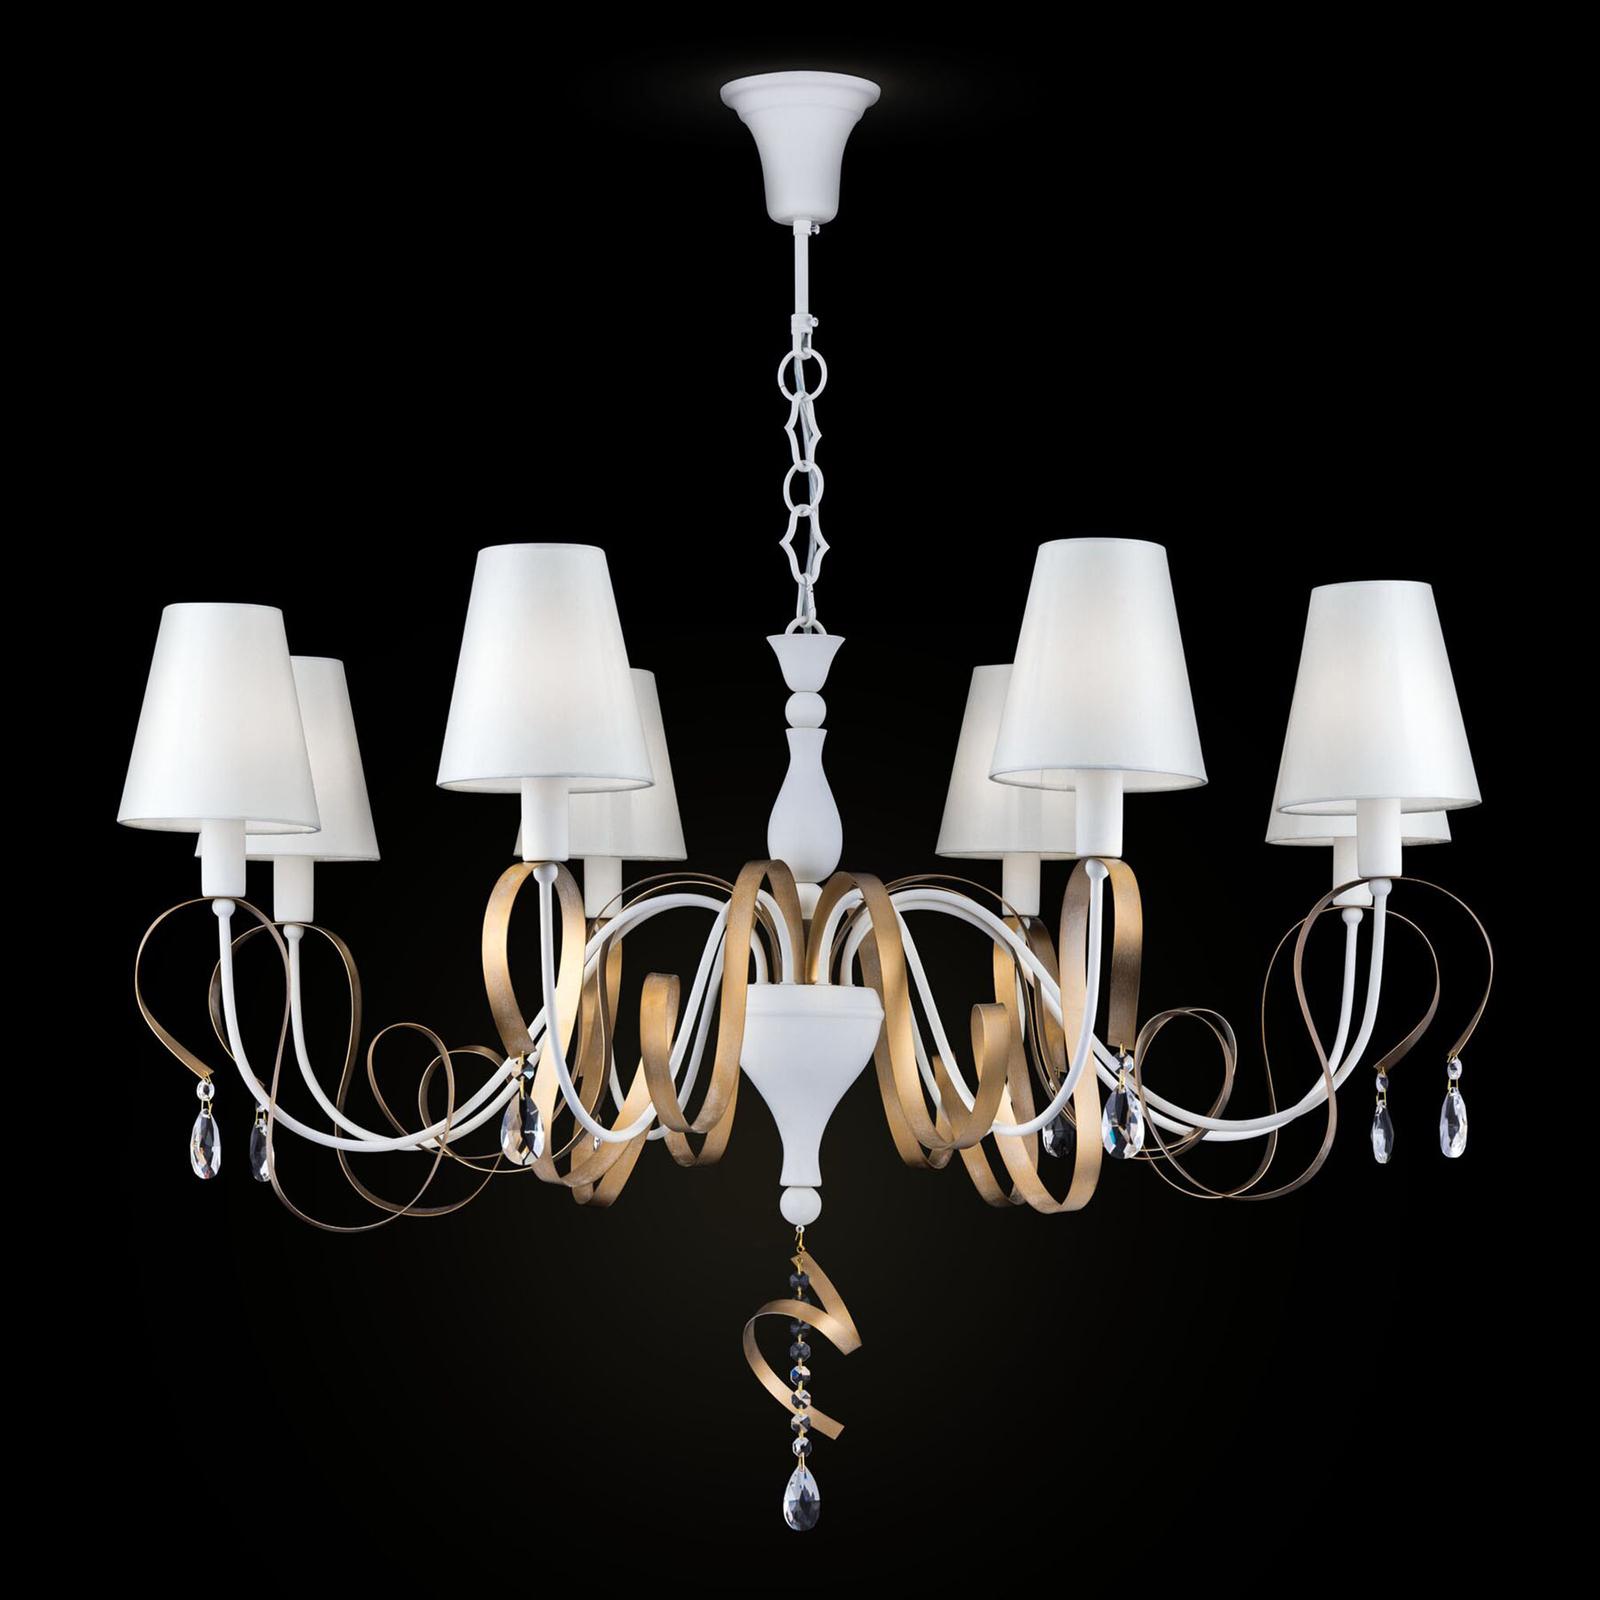 8-lamppuinen tekstiili-kattokruunu Intreccio